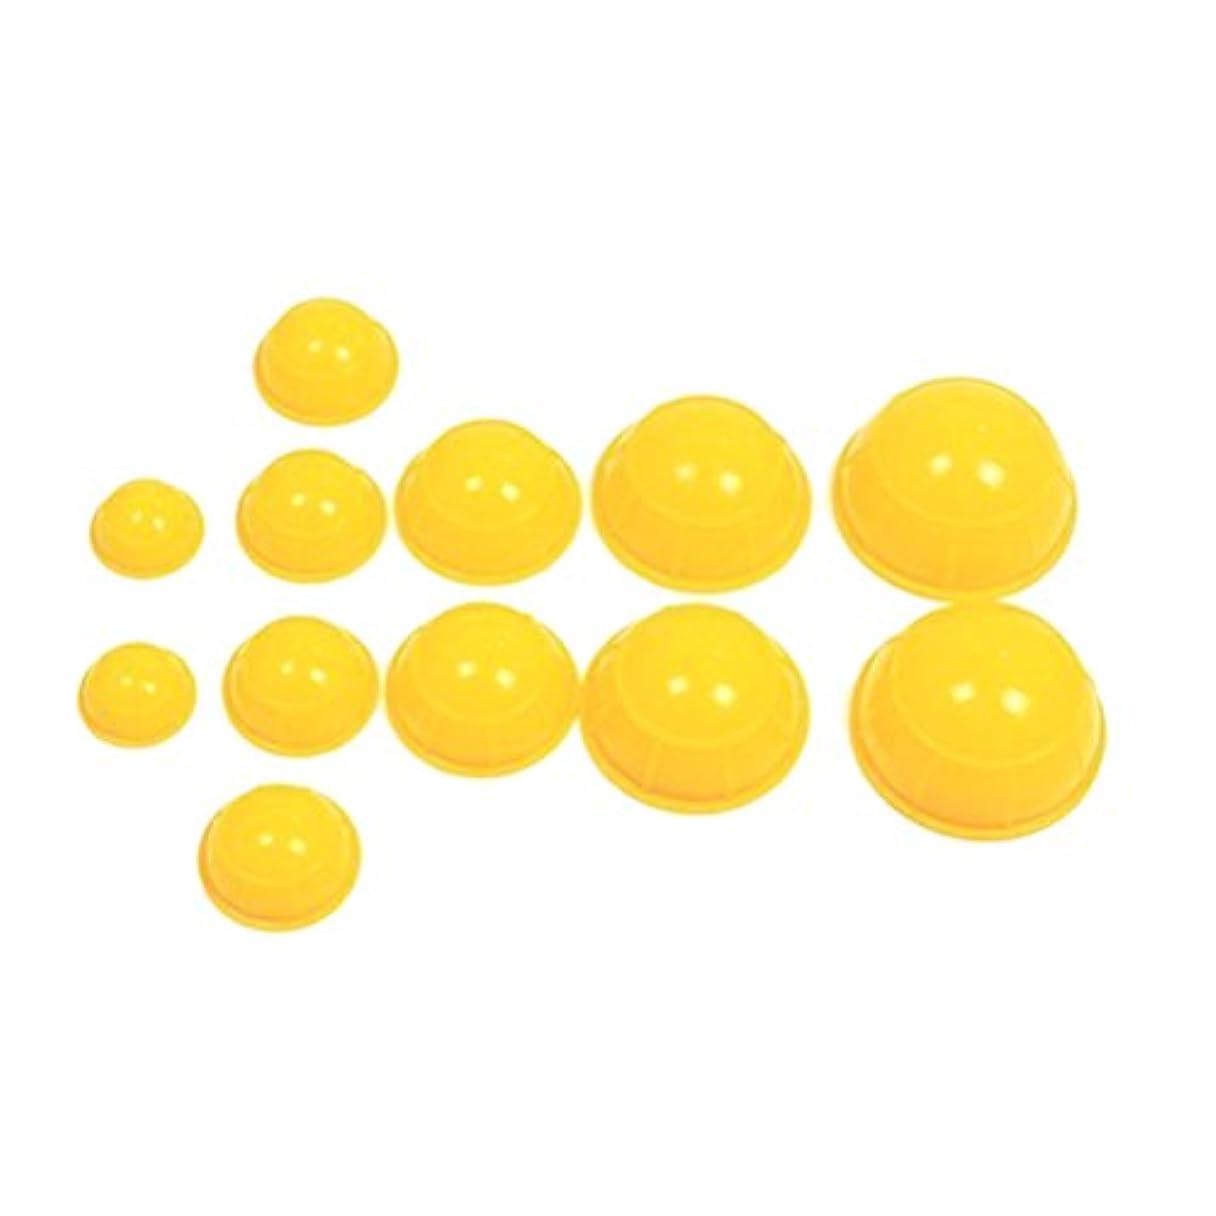 四回タヒチ大破ROSENICE シリコーンマッサージカッピングカップセットボディフェイシャルセラピーカッピングカップ12個(イエロー)